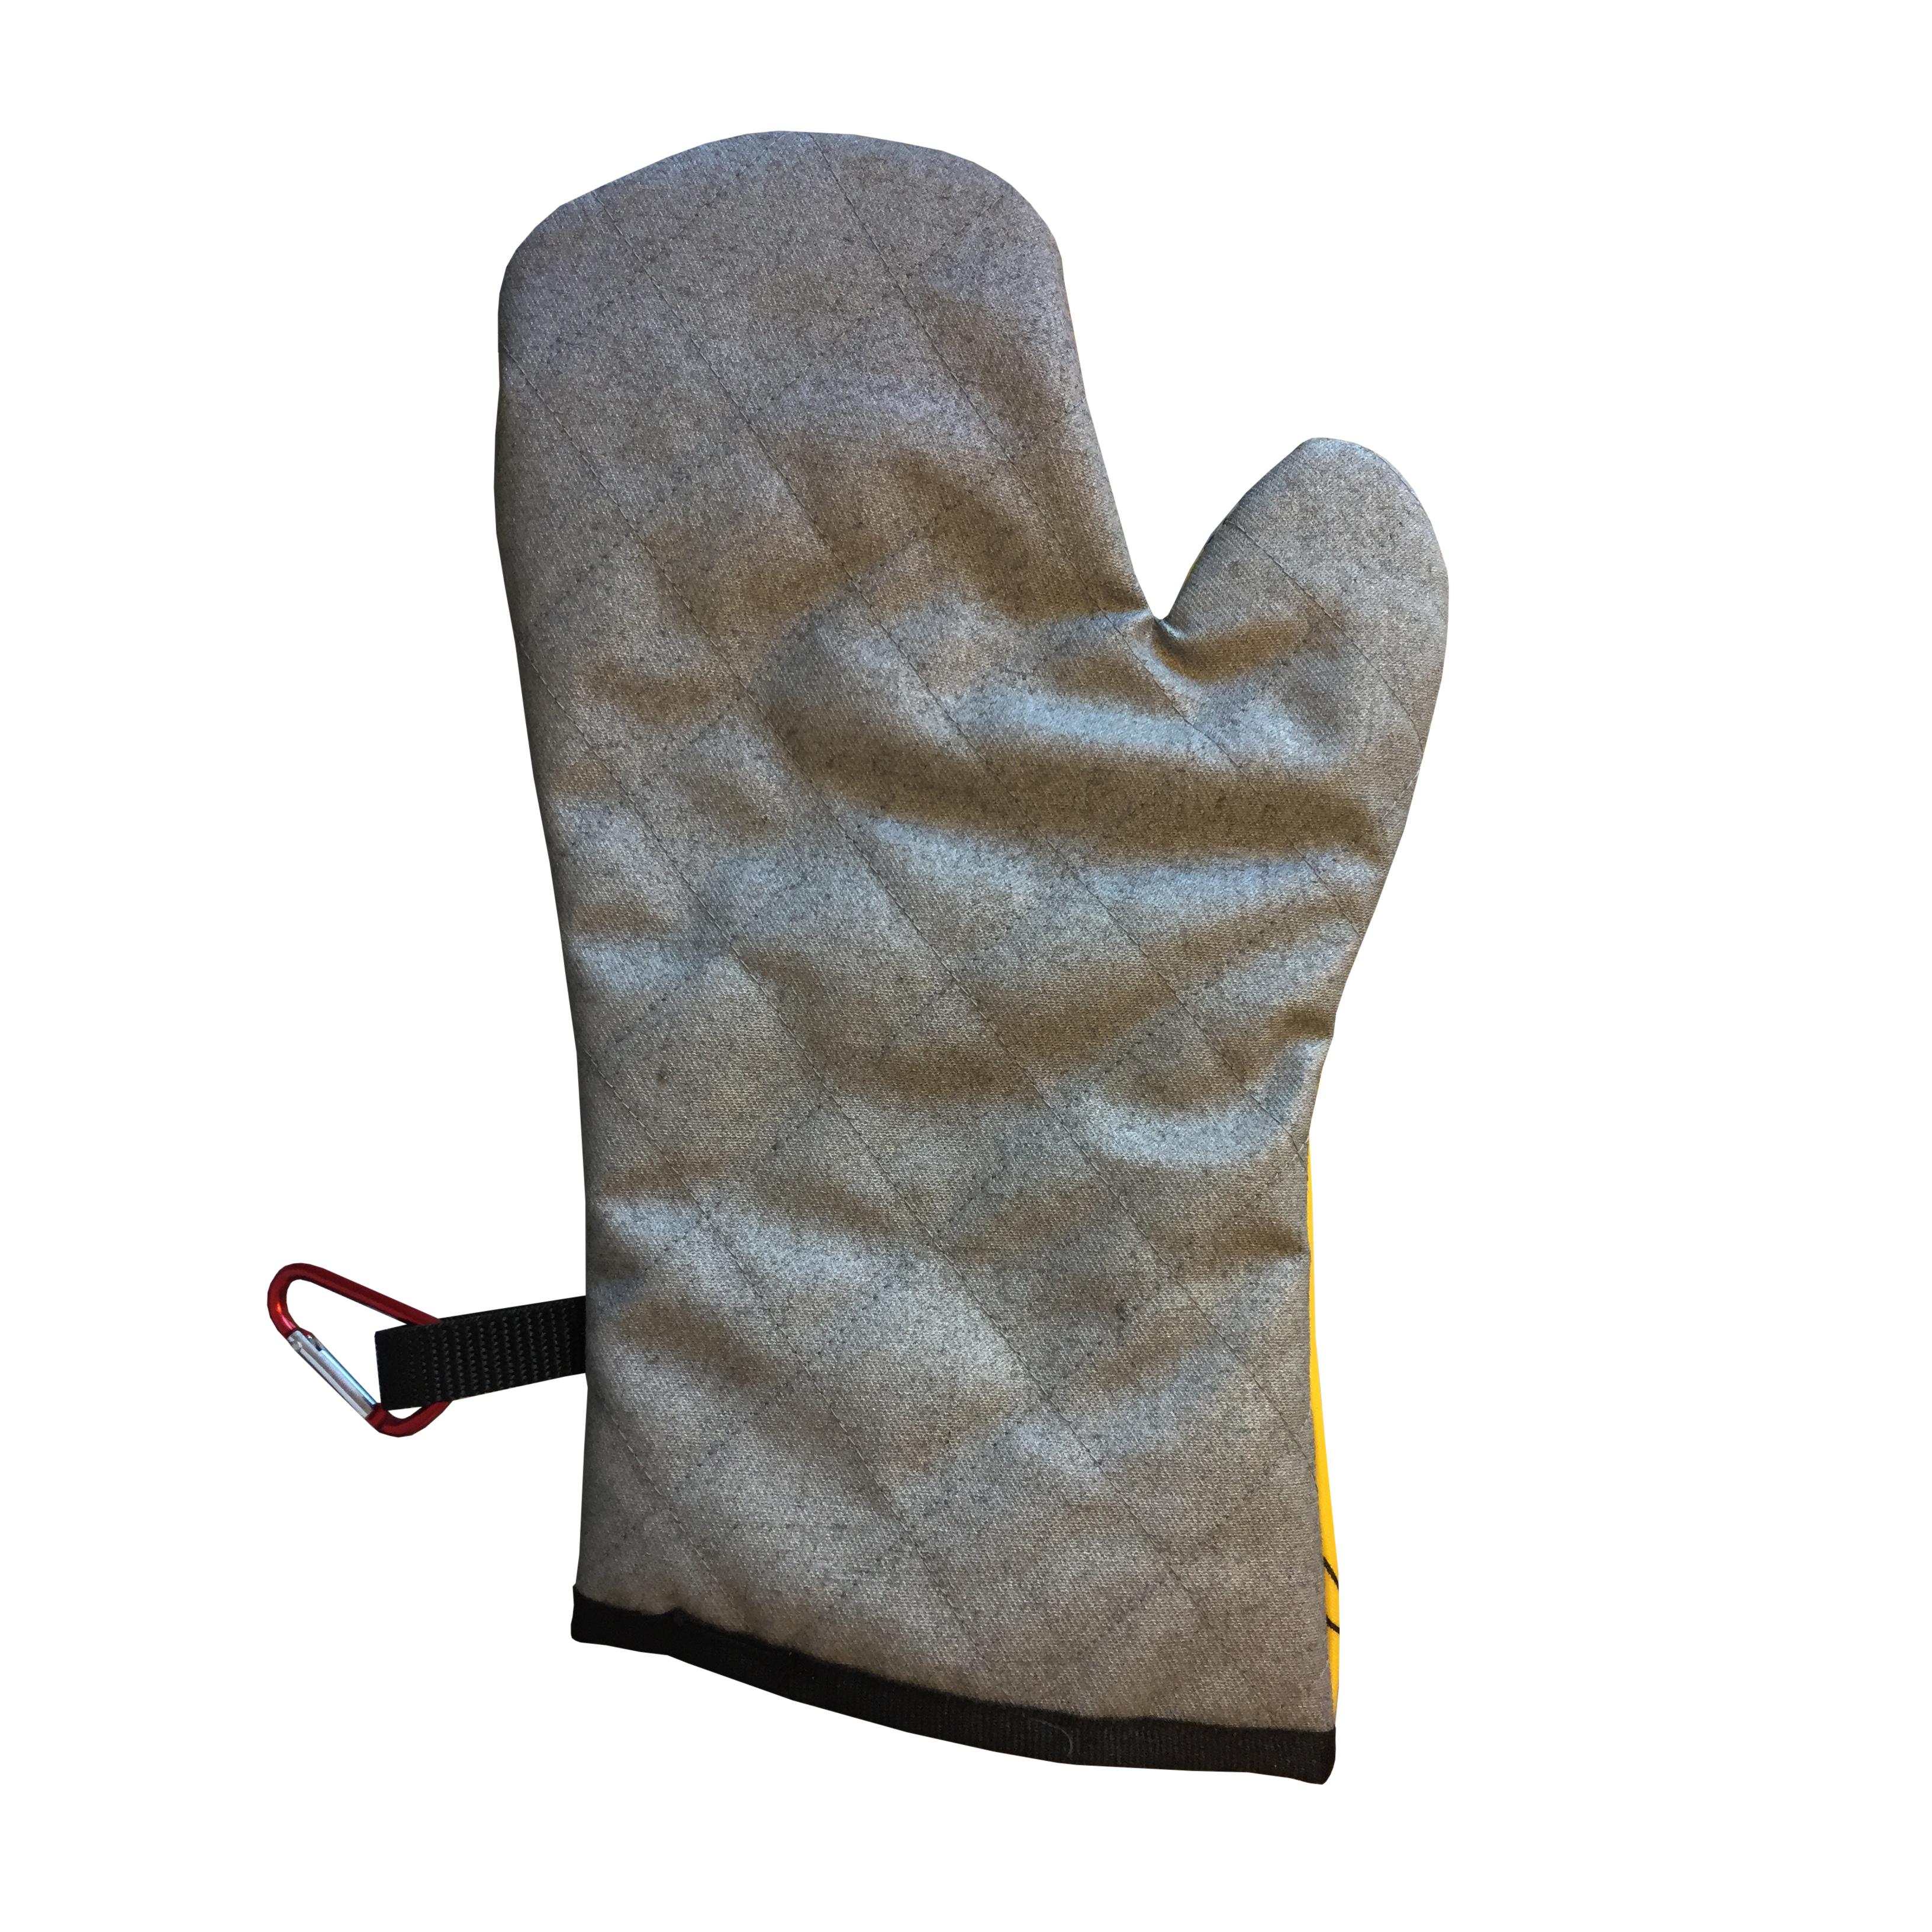 Grillhandschuh Galley BBQ Glove - Ofenhandschuh